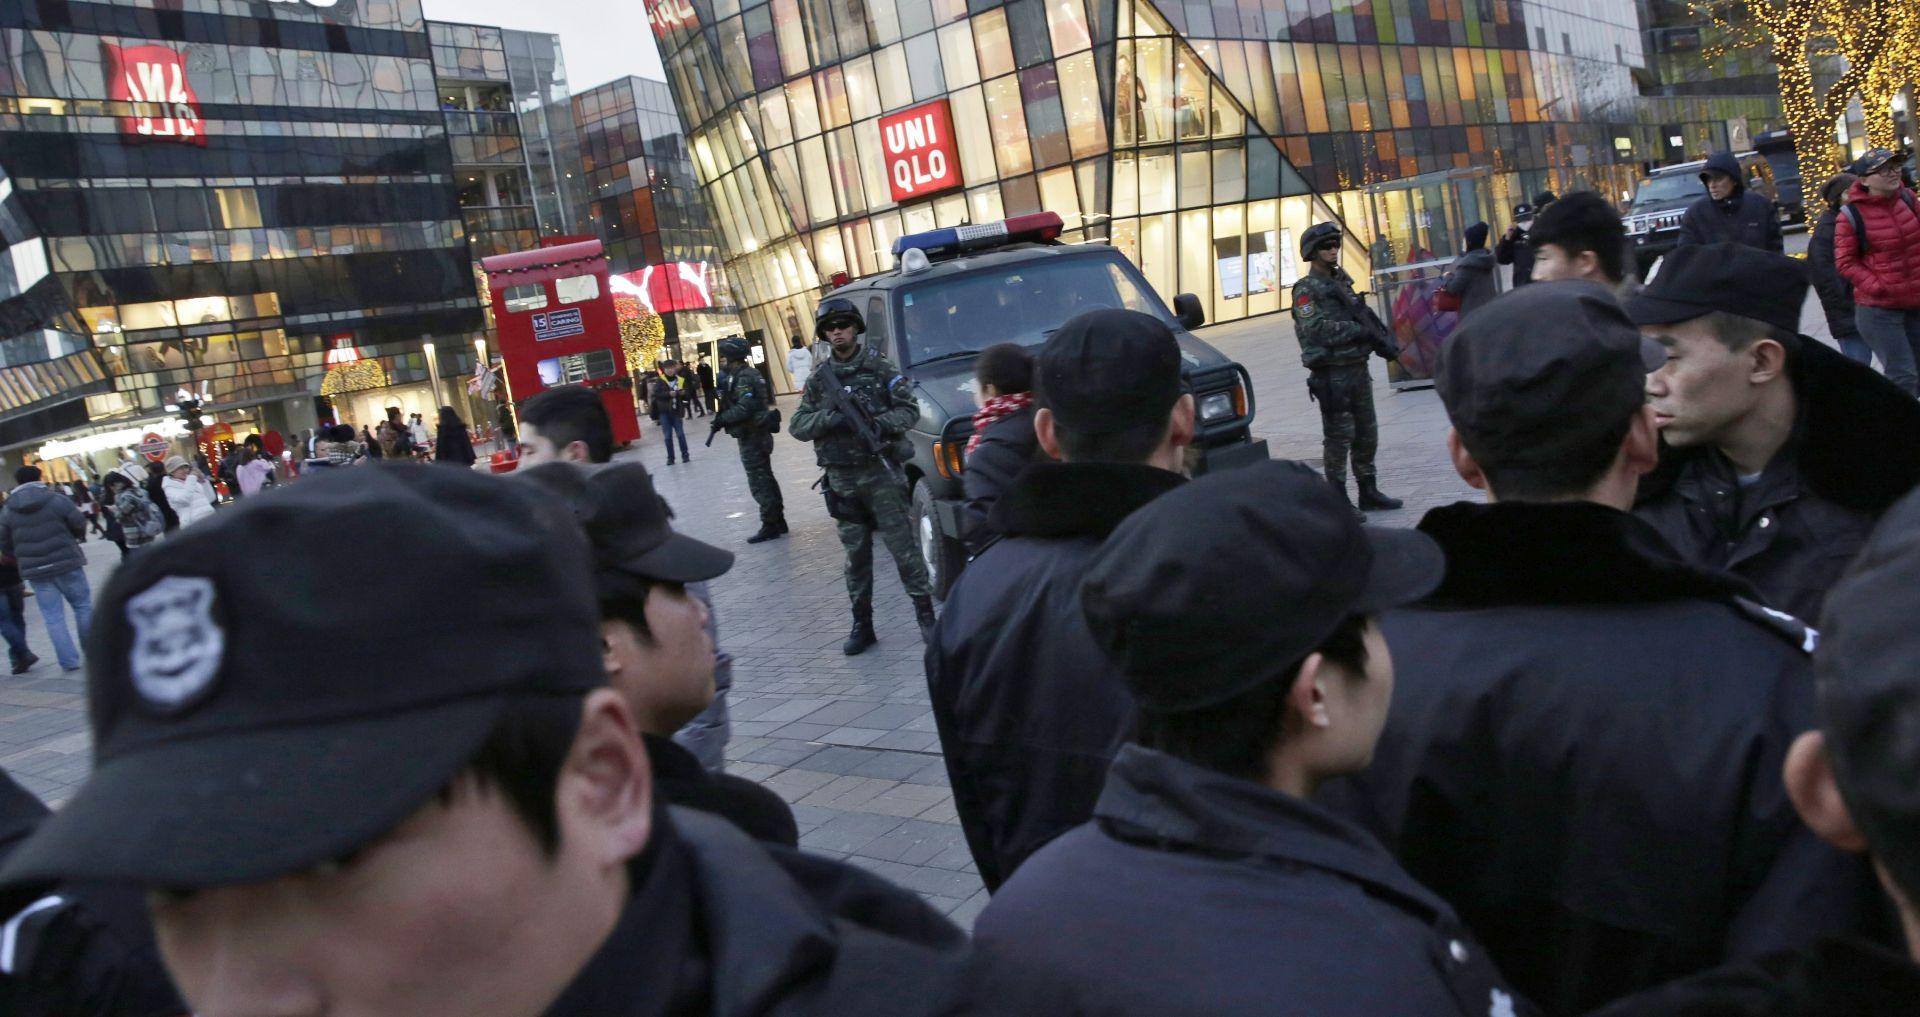 POJAČANA POLICIJSKA OPHODNJA: Sigurnosno upozorenje za zapadnjake u Pekingu